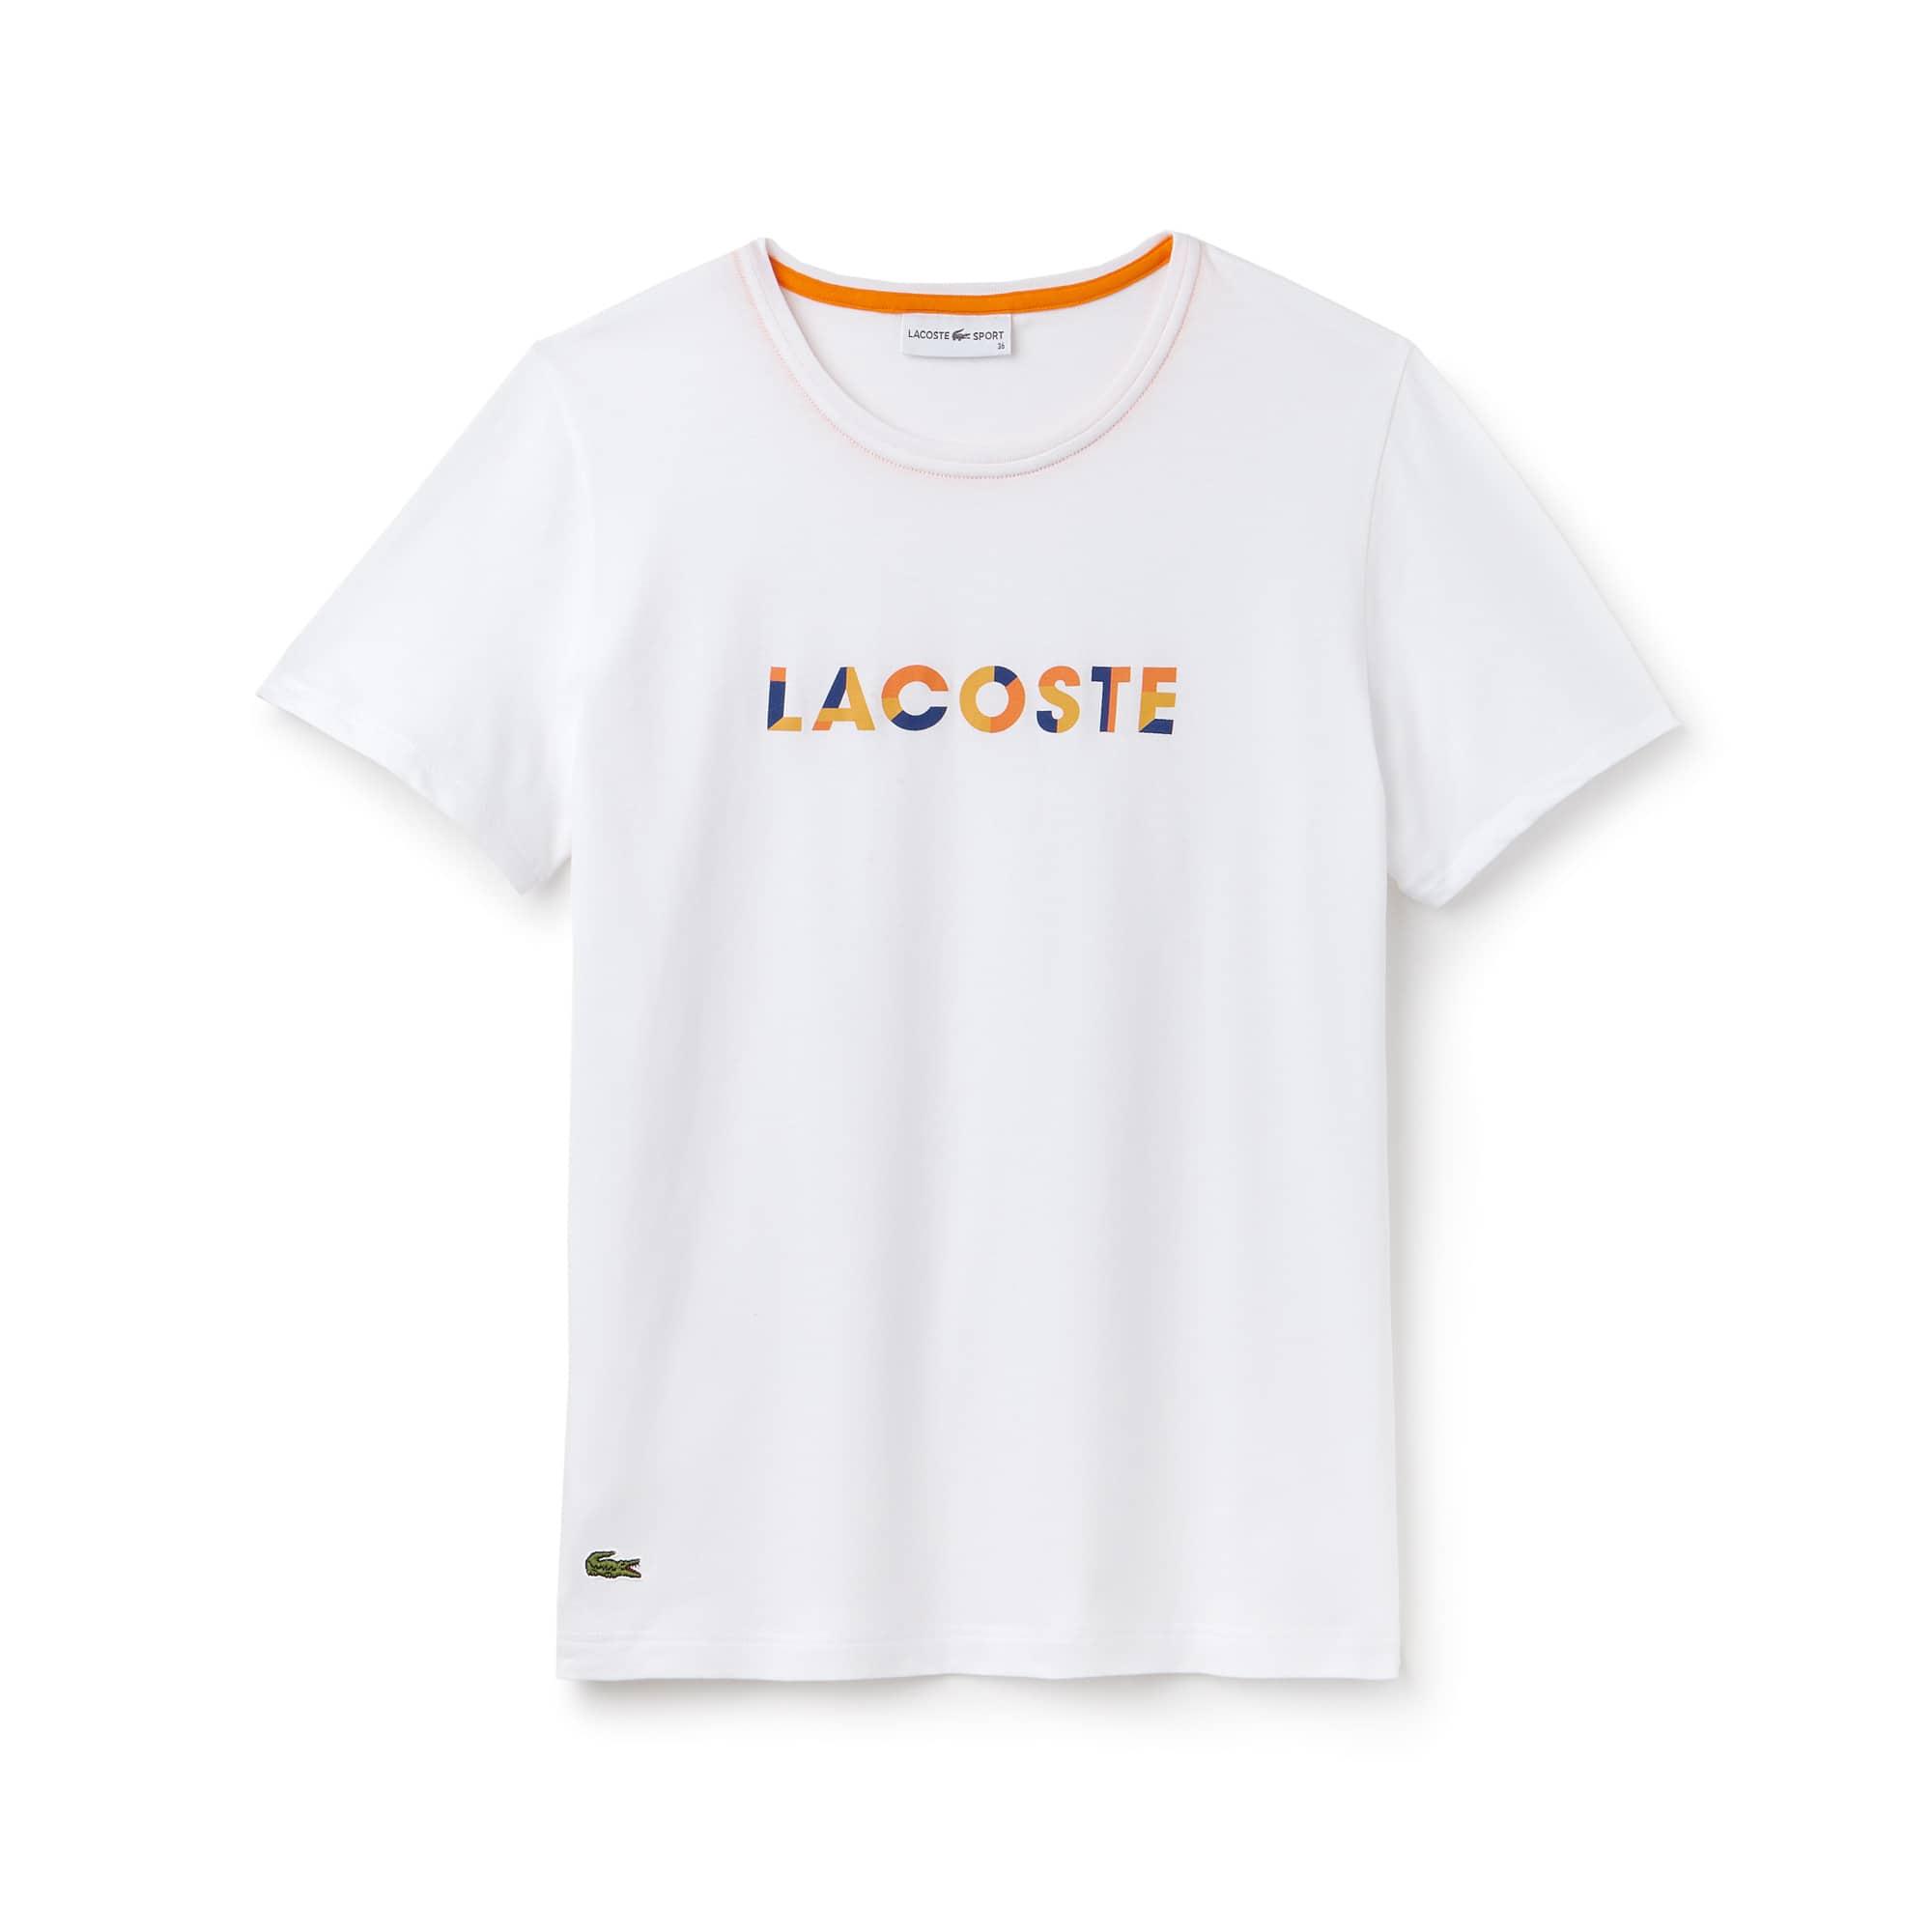 Lacoste SPORT Tennis-T-shirt dames jersey met ronde hals en logo